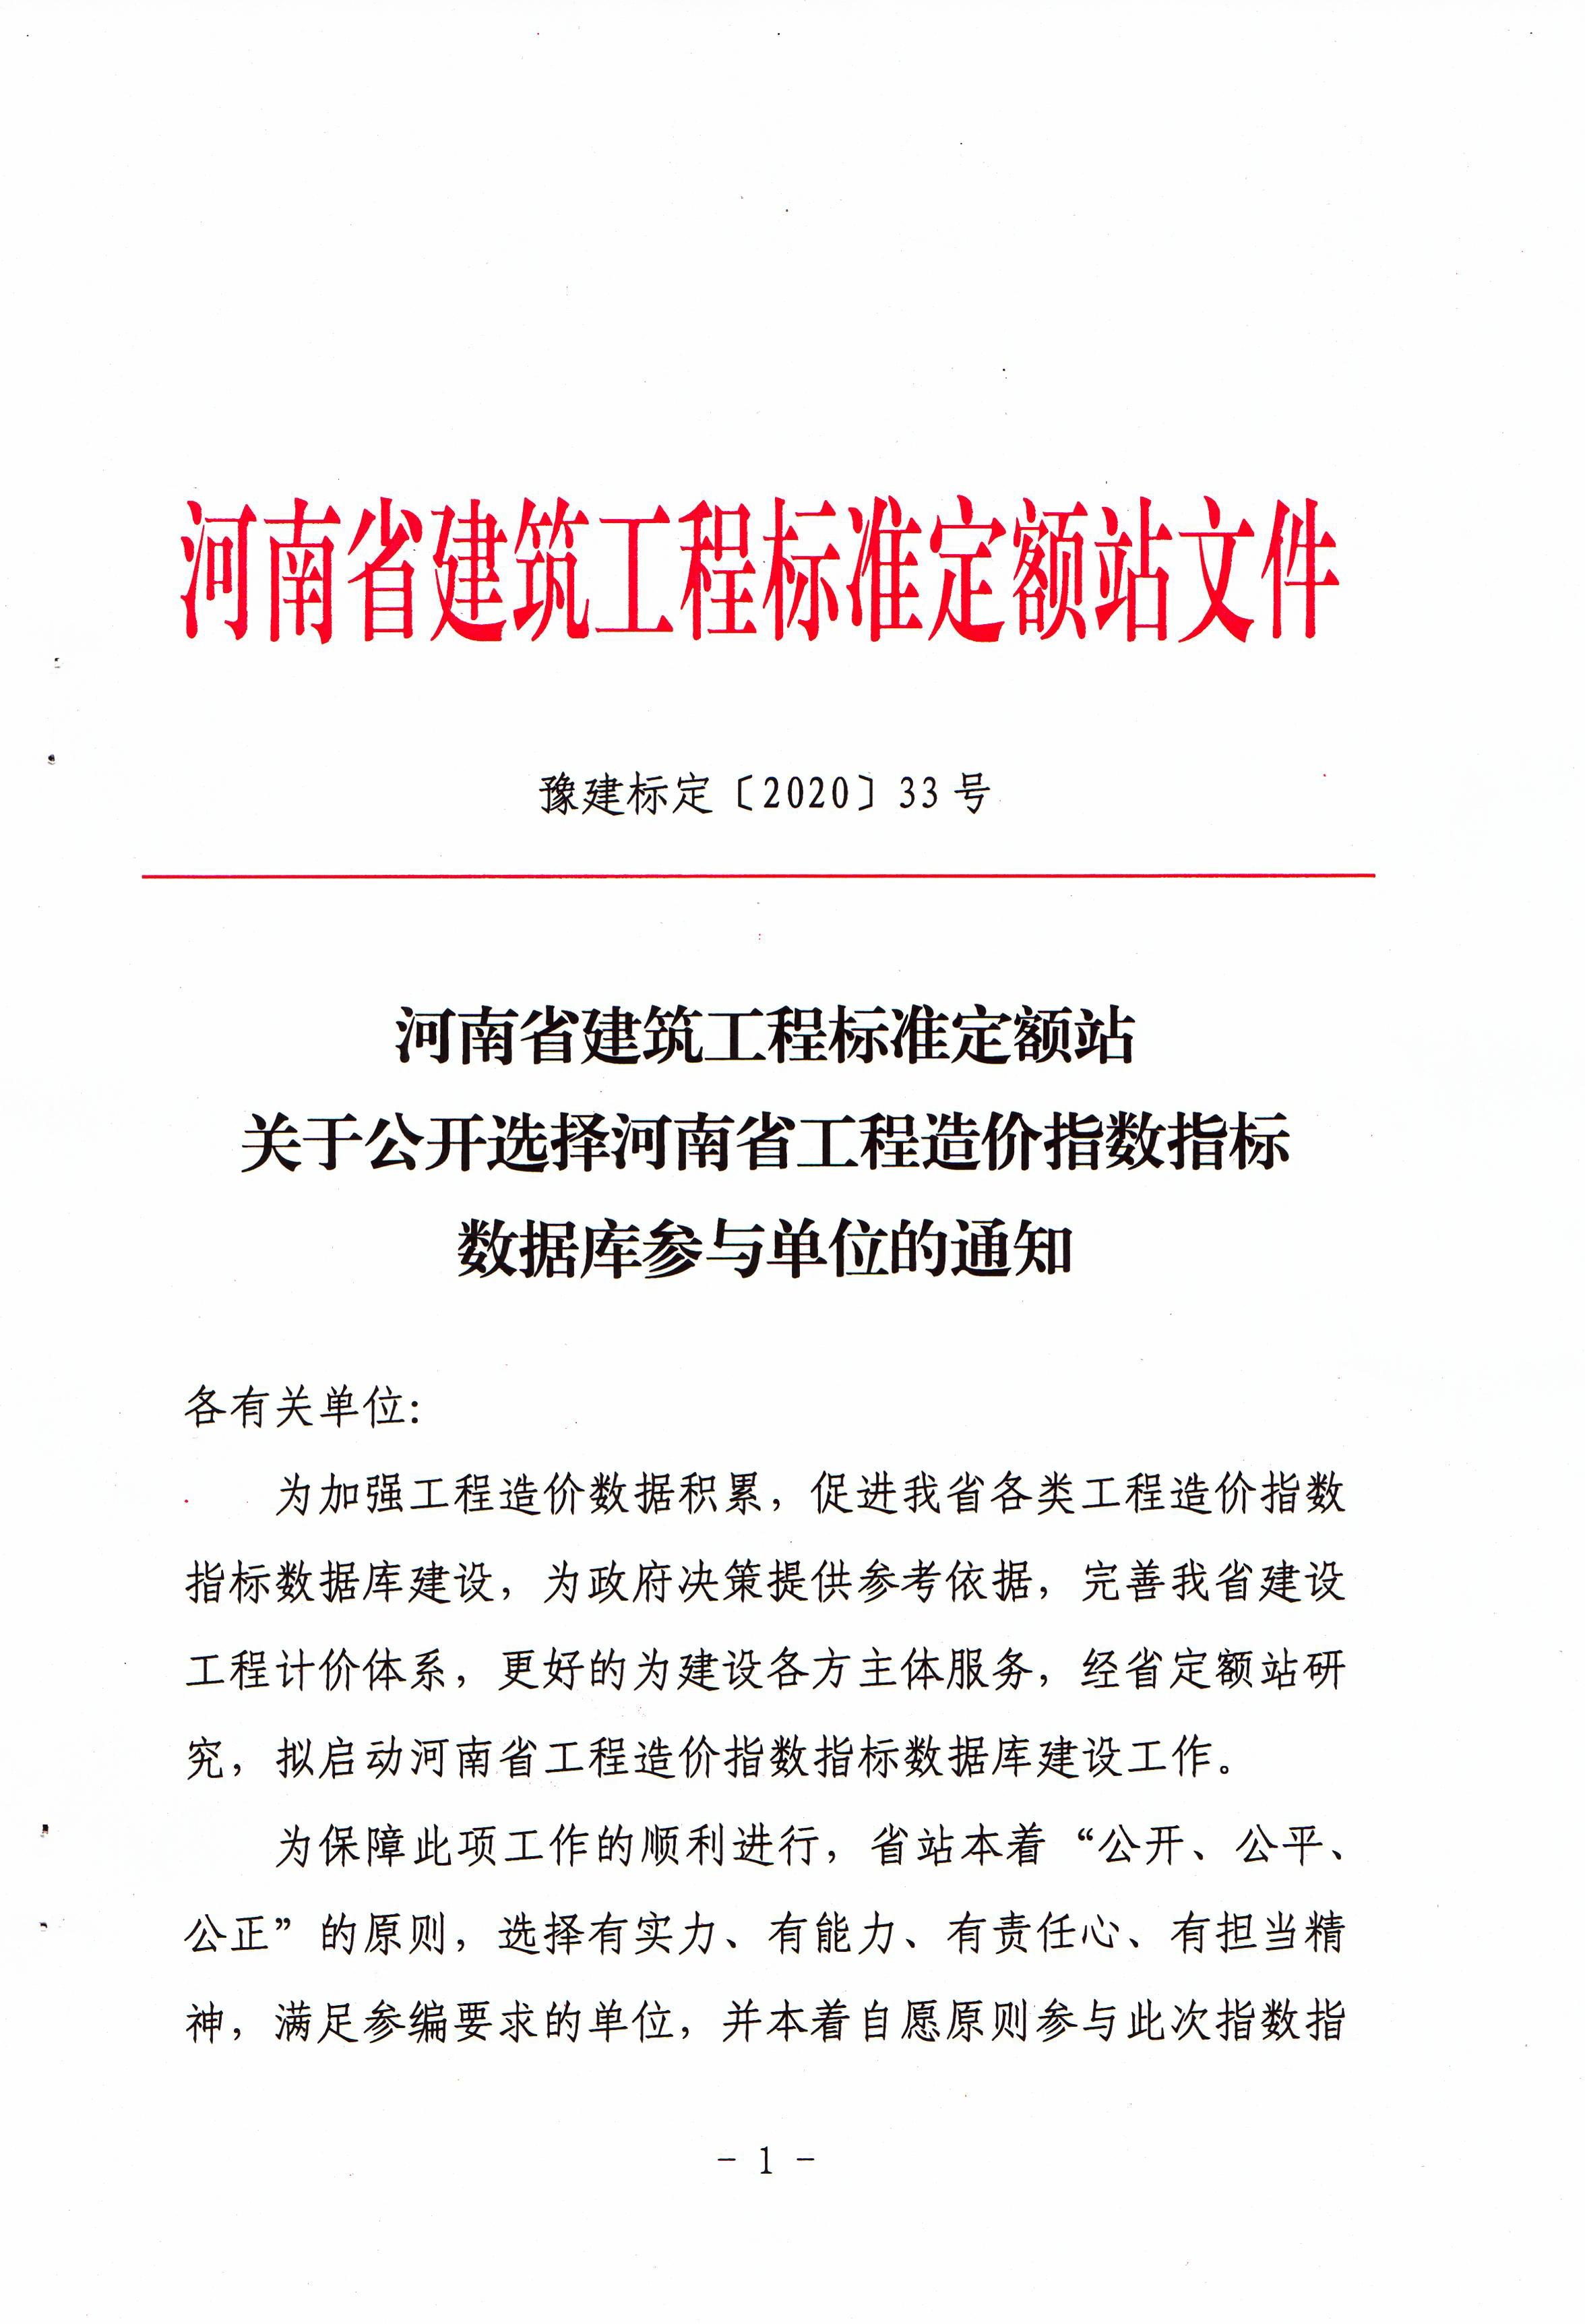 江苏省住建厅关于开展全省工程勘察设计质量及市场行为抽查工作的通知